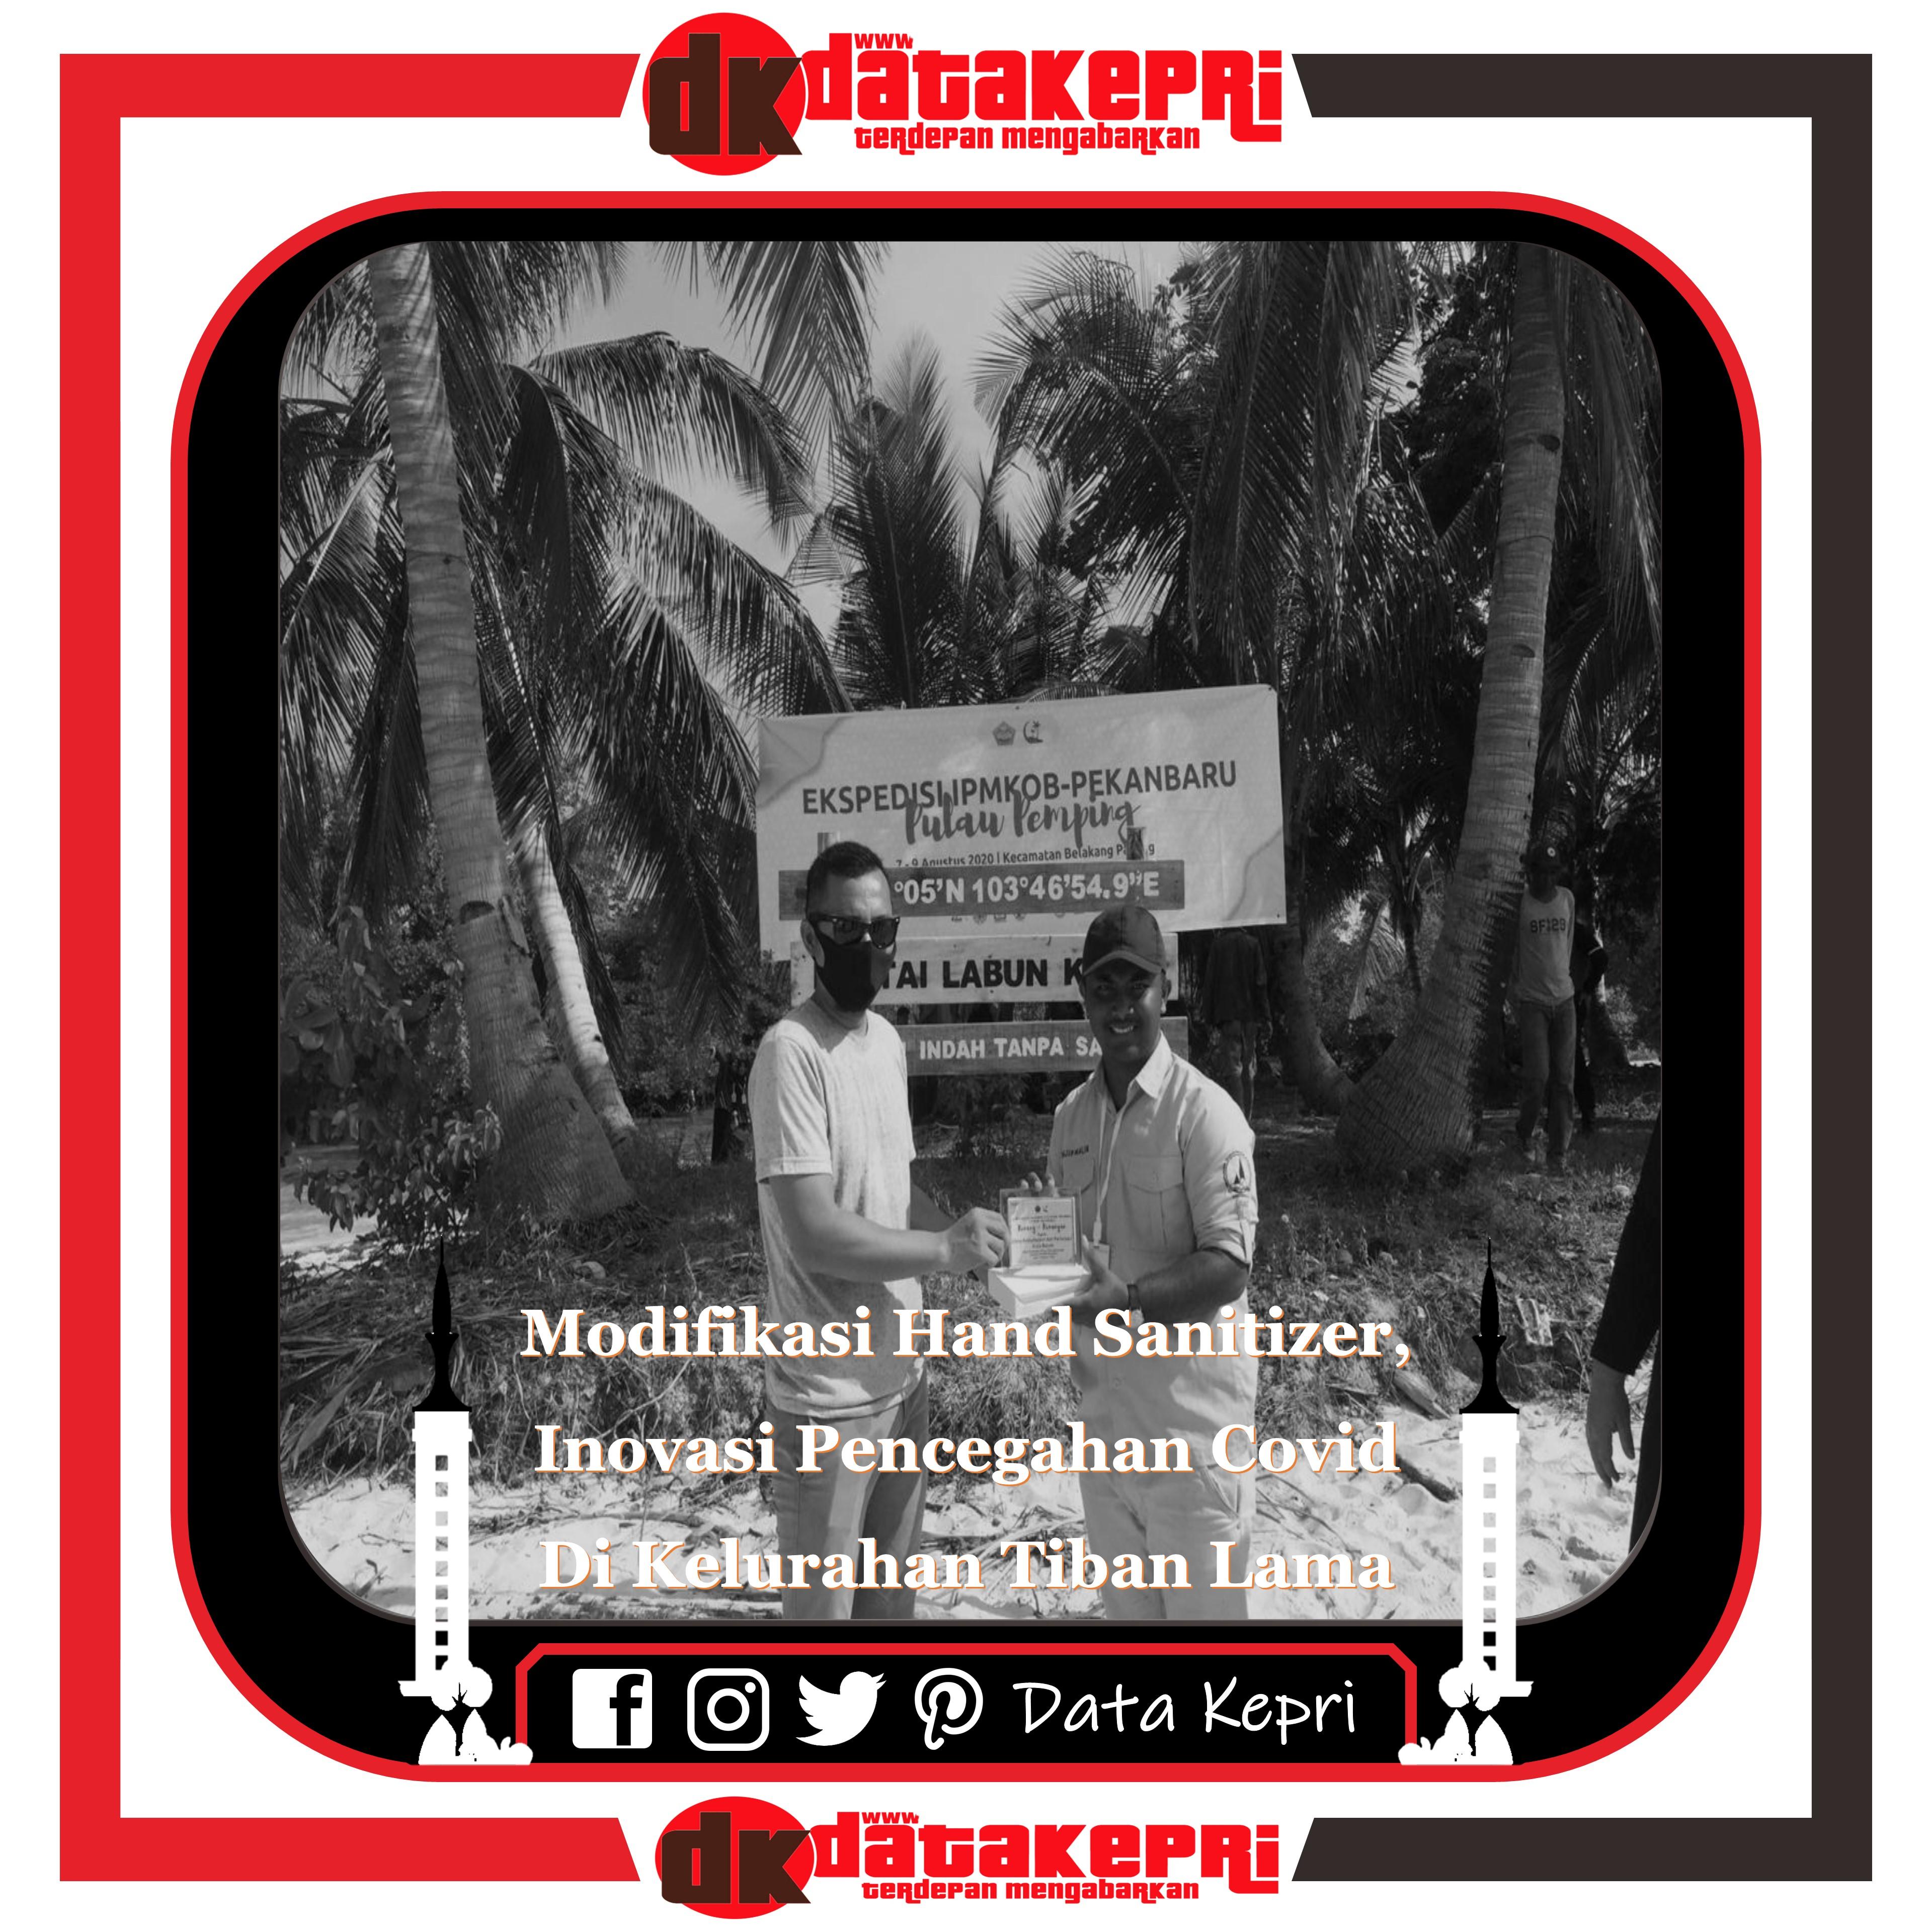 HMPI Sadar Wisata, Harapan Bangsa Di Pulau Perbatasan